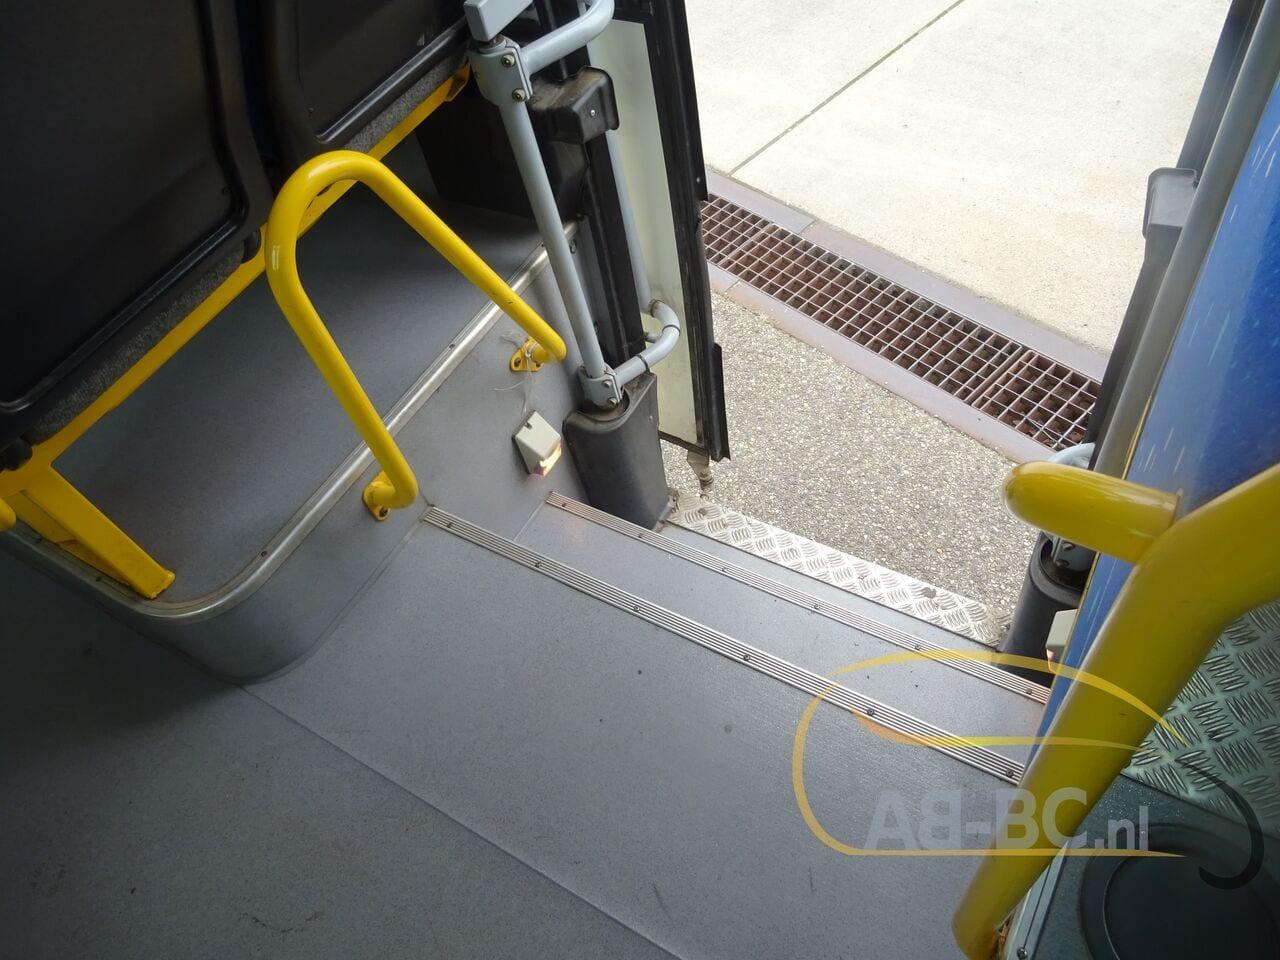 interurban-busIVECO-Irisbus-Recreo-64-Seats---1626160205395642964_big_7229598335e314452d6c1860f2e1483f--21071309575983154500